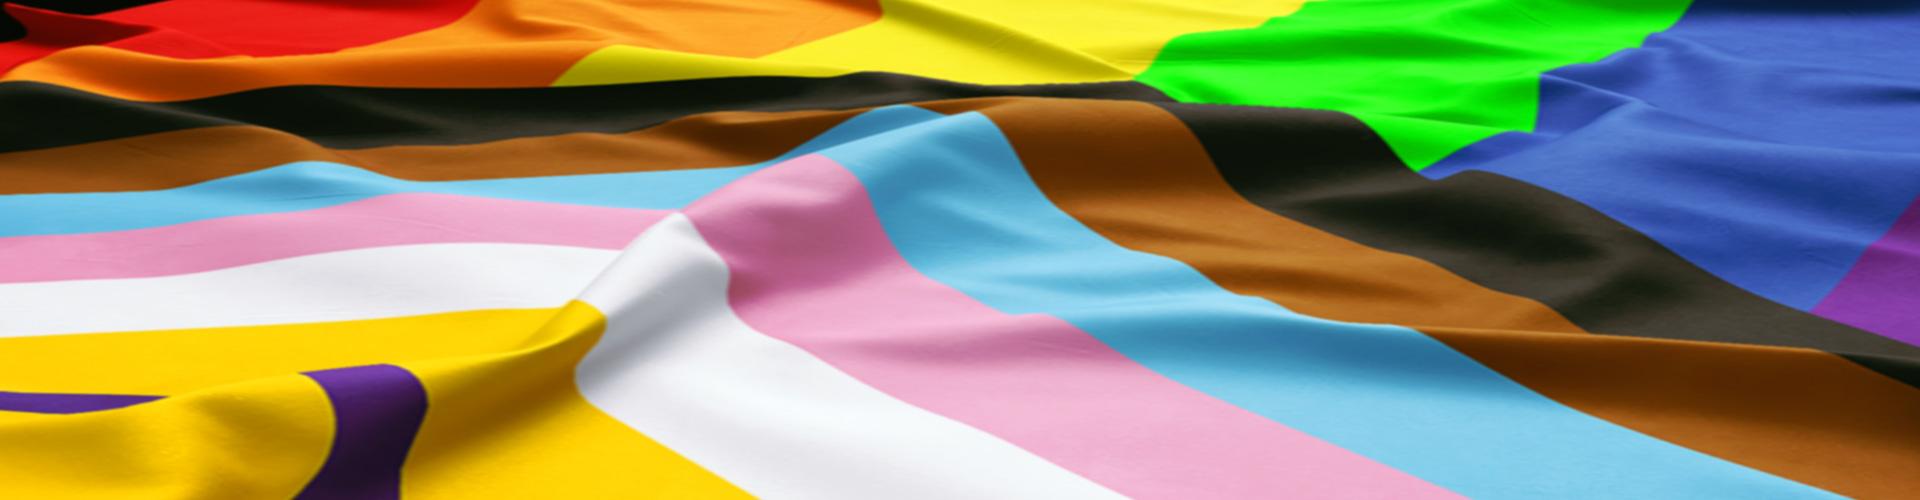 Draped Inclusive Pride flag